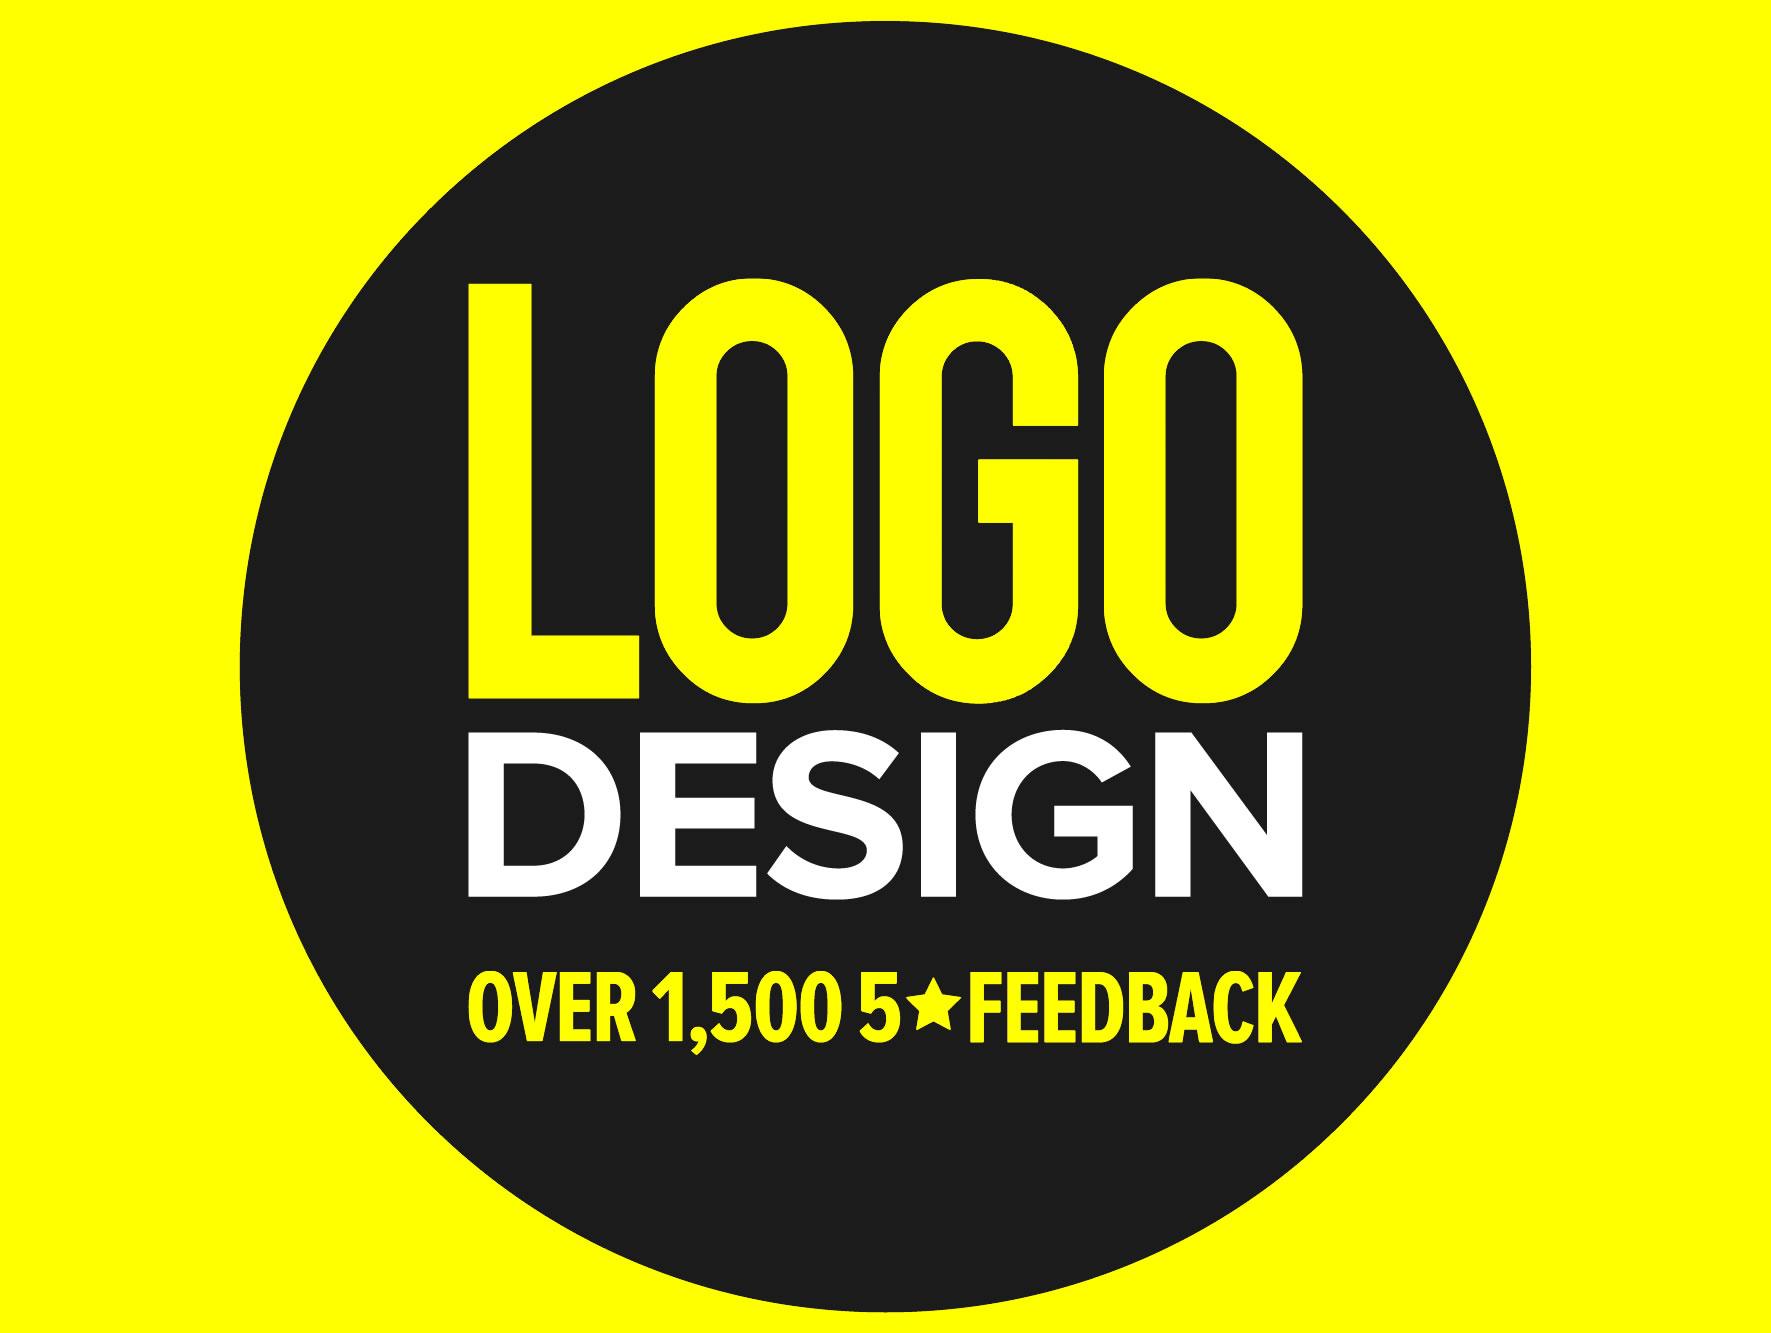 Creative Logo Design For Website/Comapny